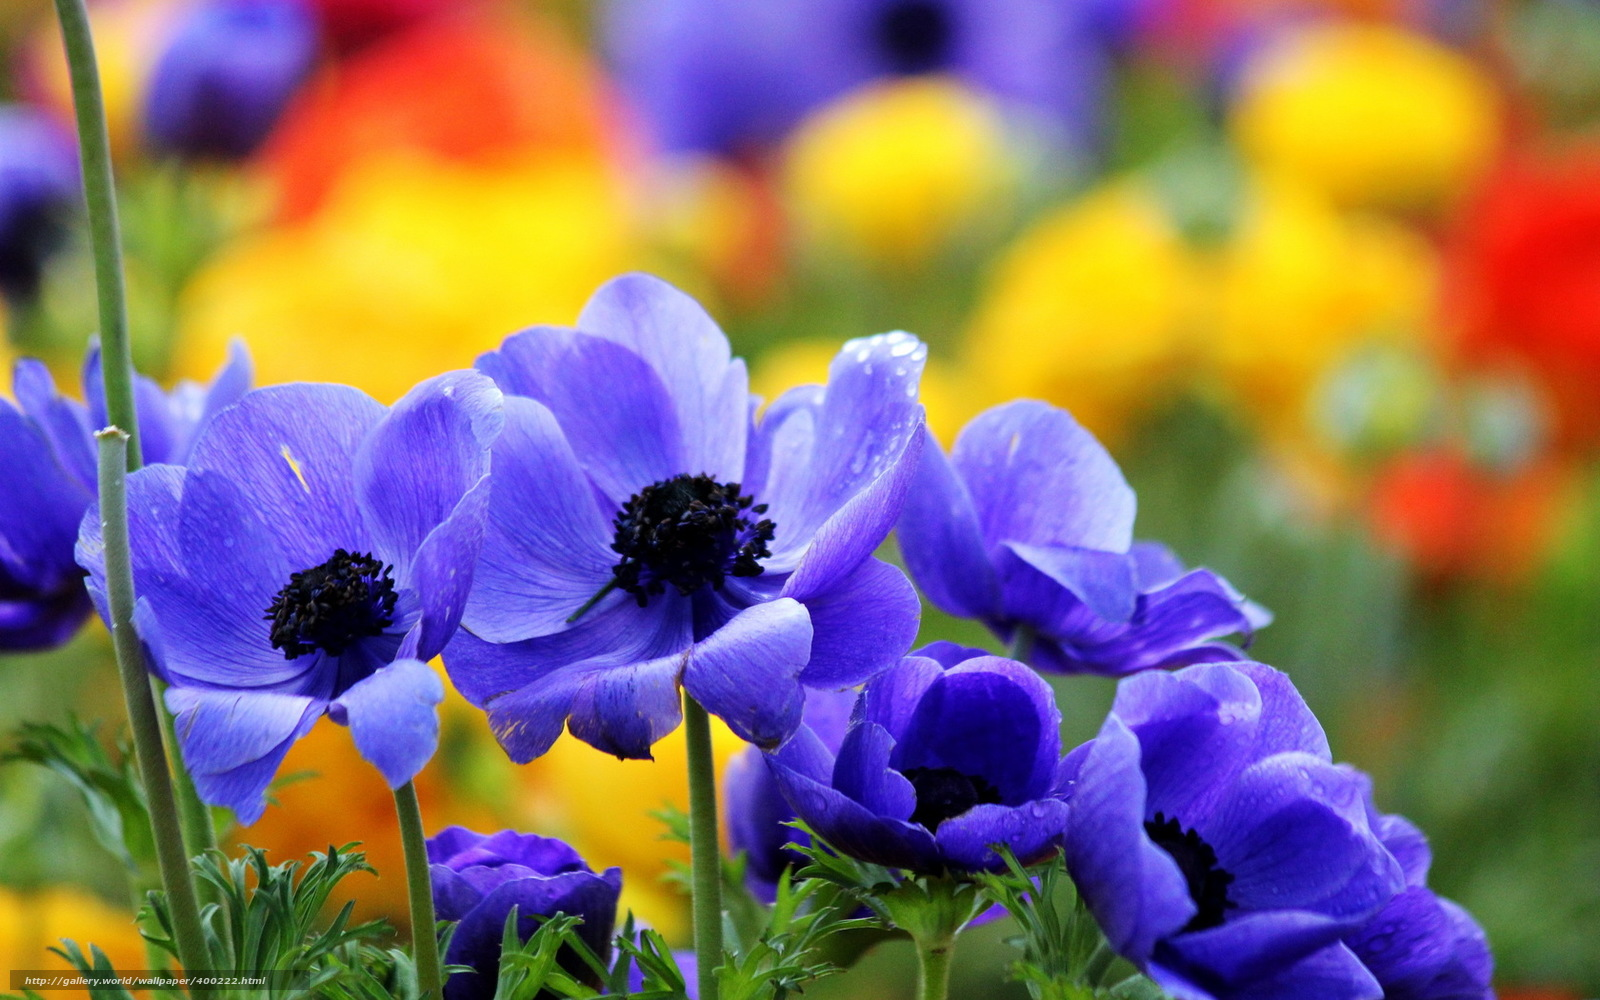 Scaricare gli sfondi fiori estate natura sfondi gratis for Immagini per desktop natura